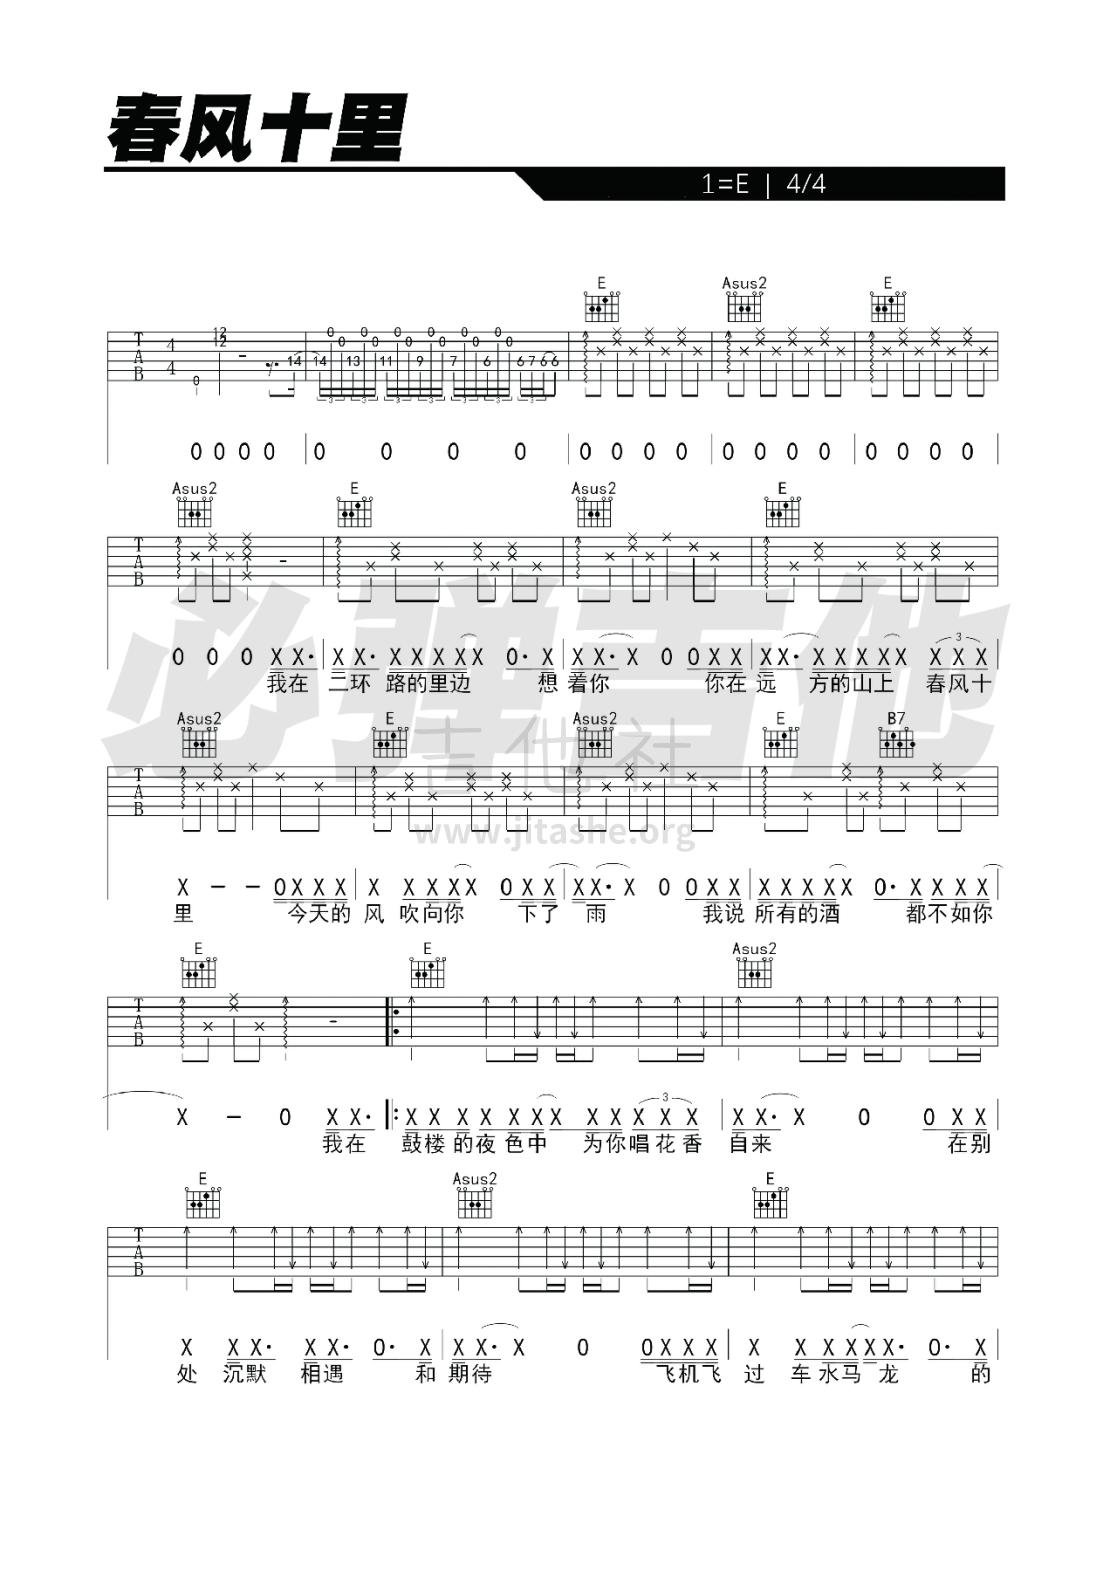 春风十里(必弹吉他)吉他谱(图片谱,吉他,吉他弹唱,吉他谱)_鹿先森乐队_kgnfre3r0uuy1ni8rik.png